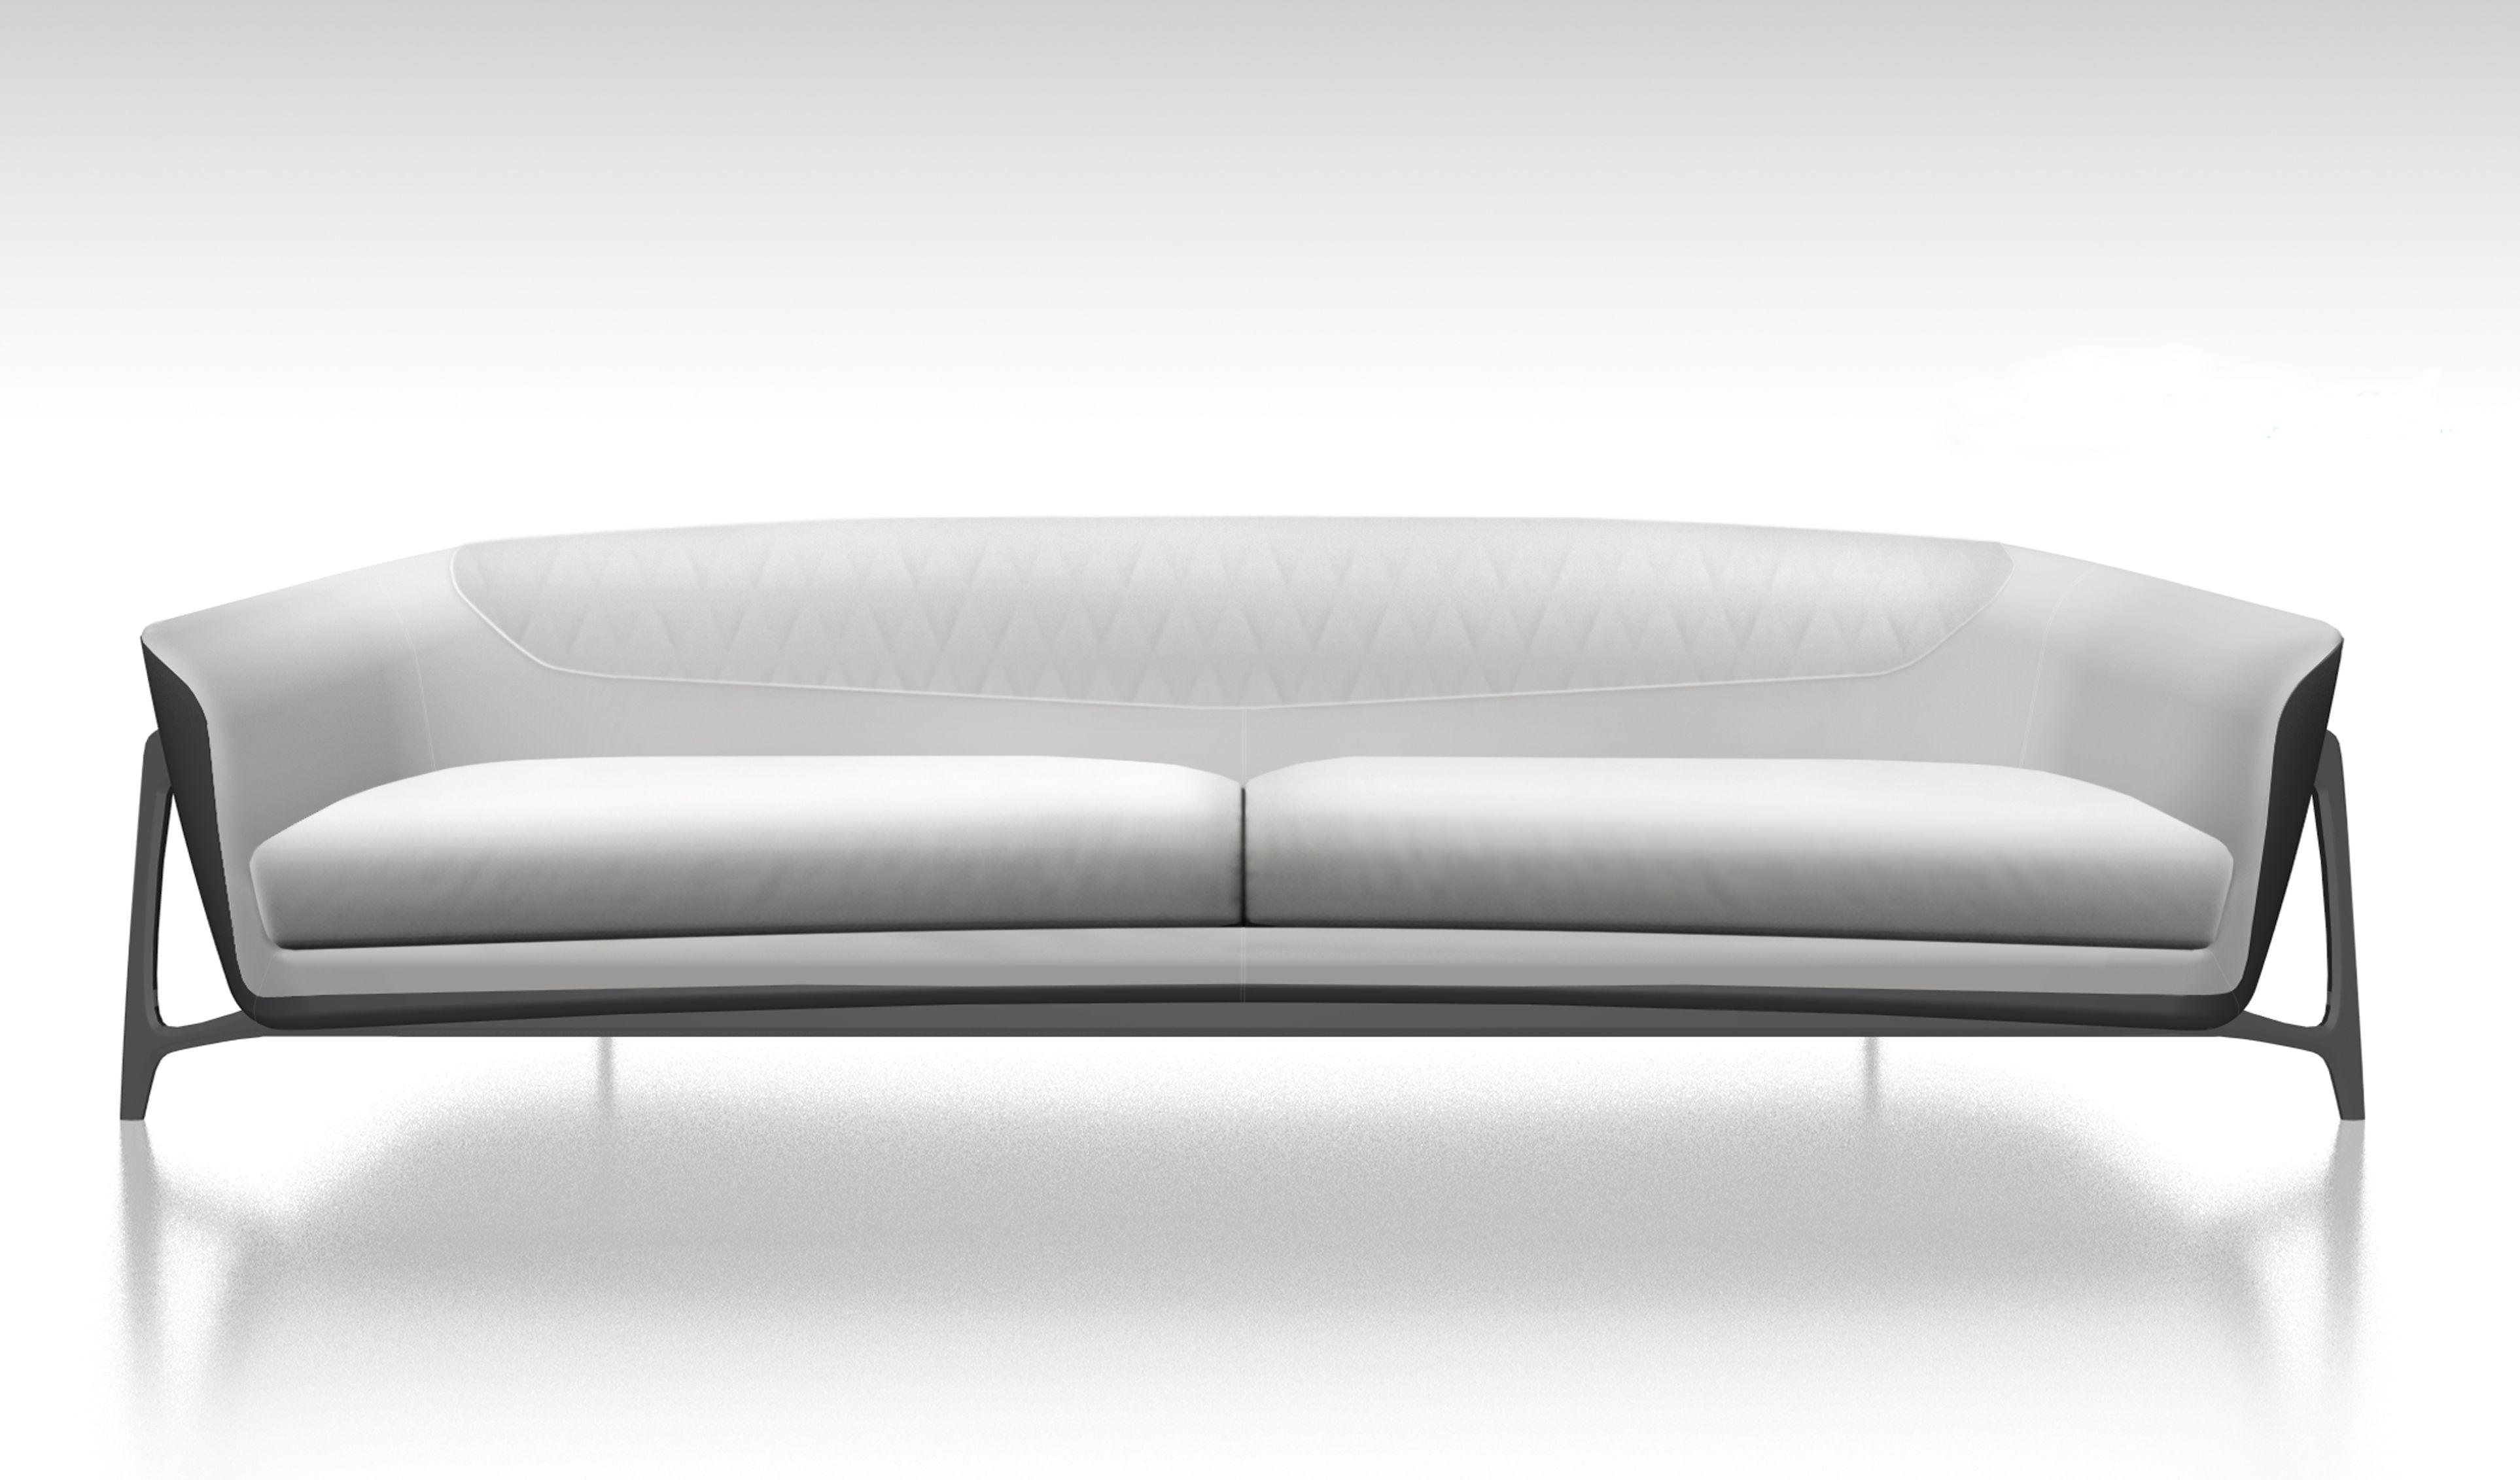 Mercedes Benz Create Their Own Furniture Collection Furniture Collection Furniture Milan Furniture